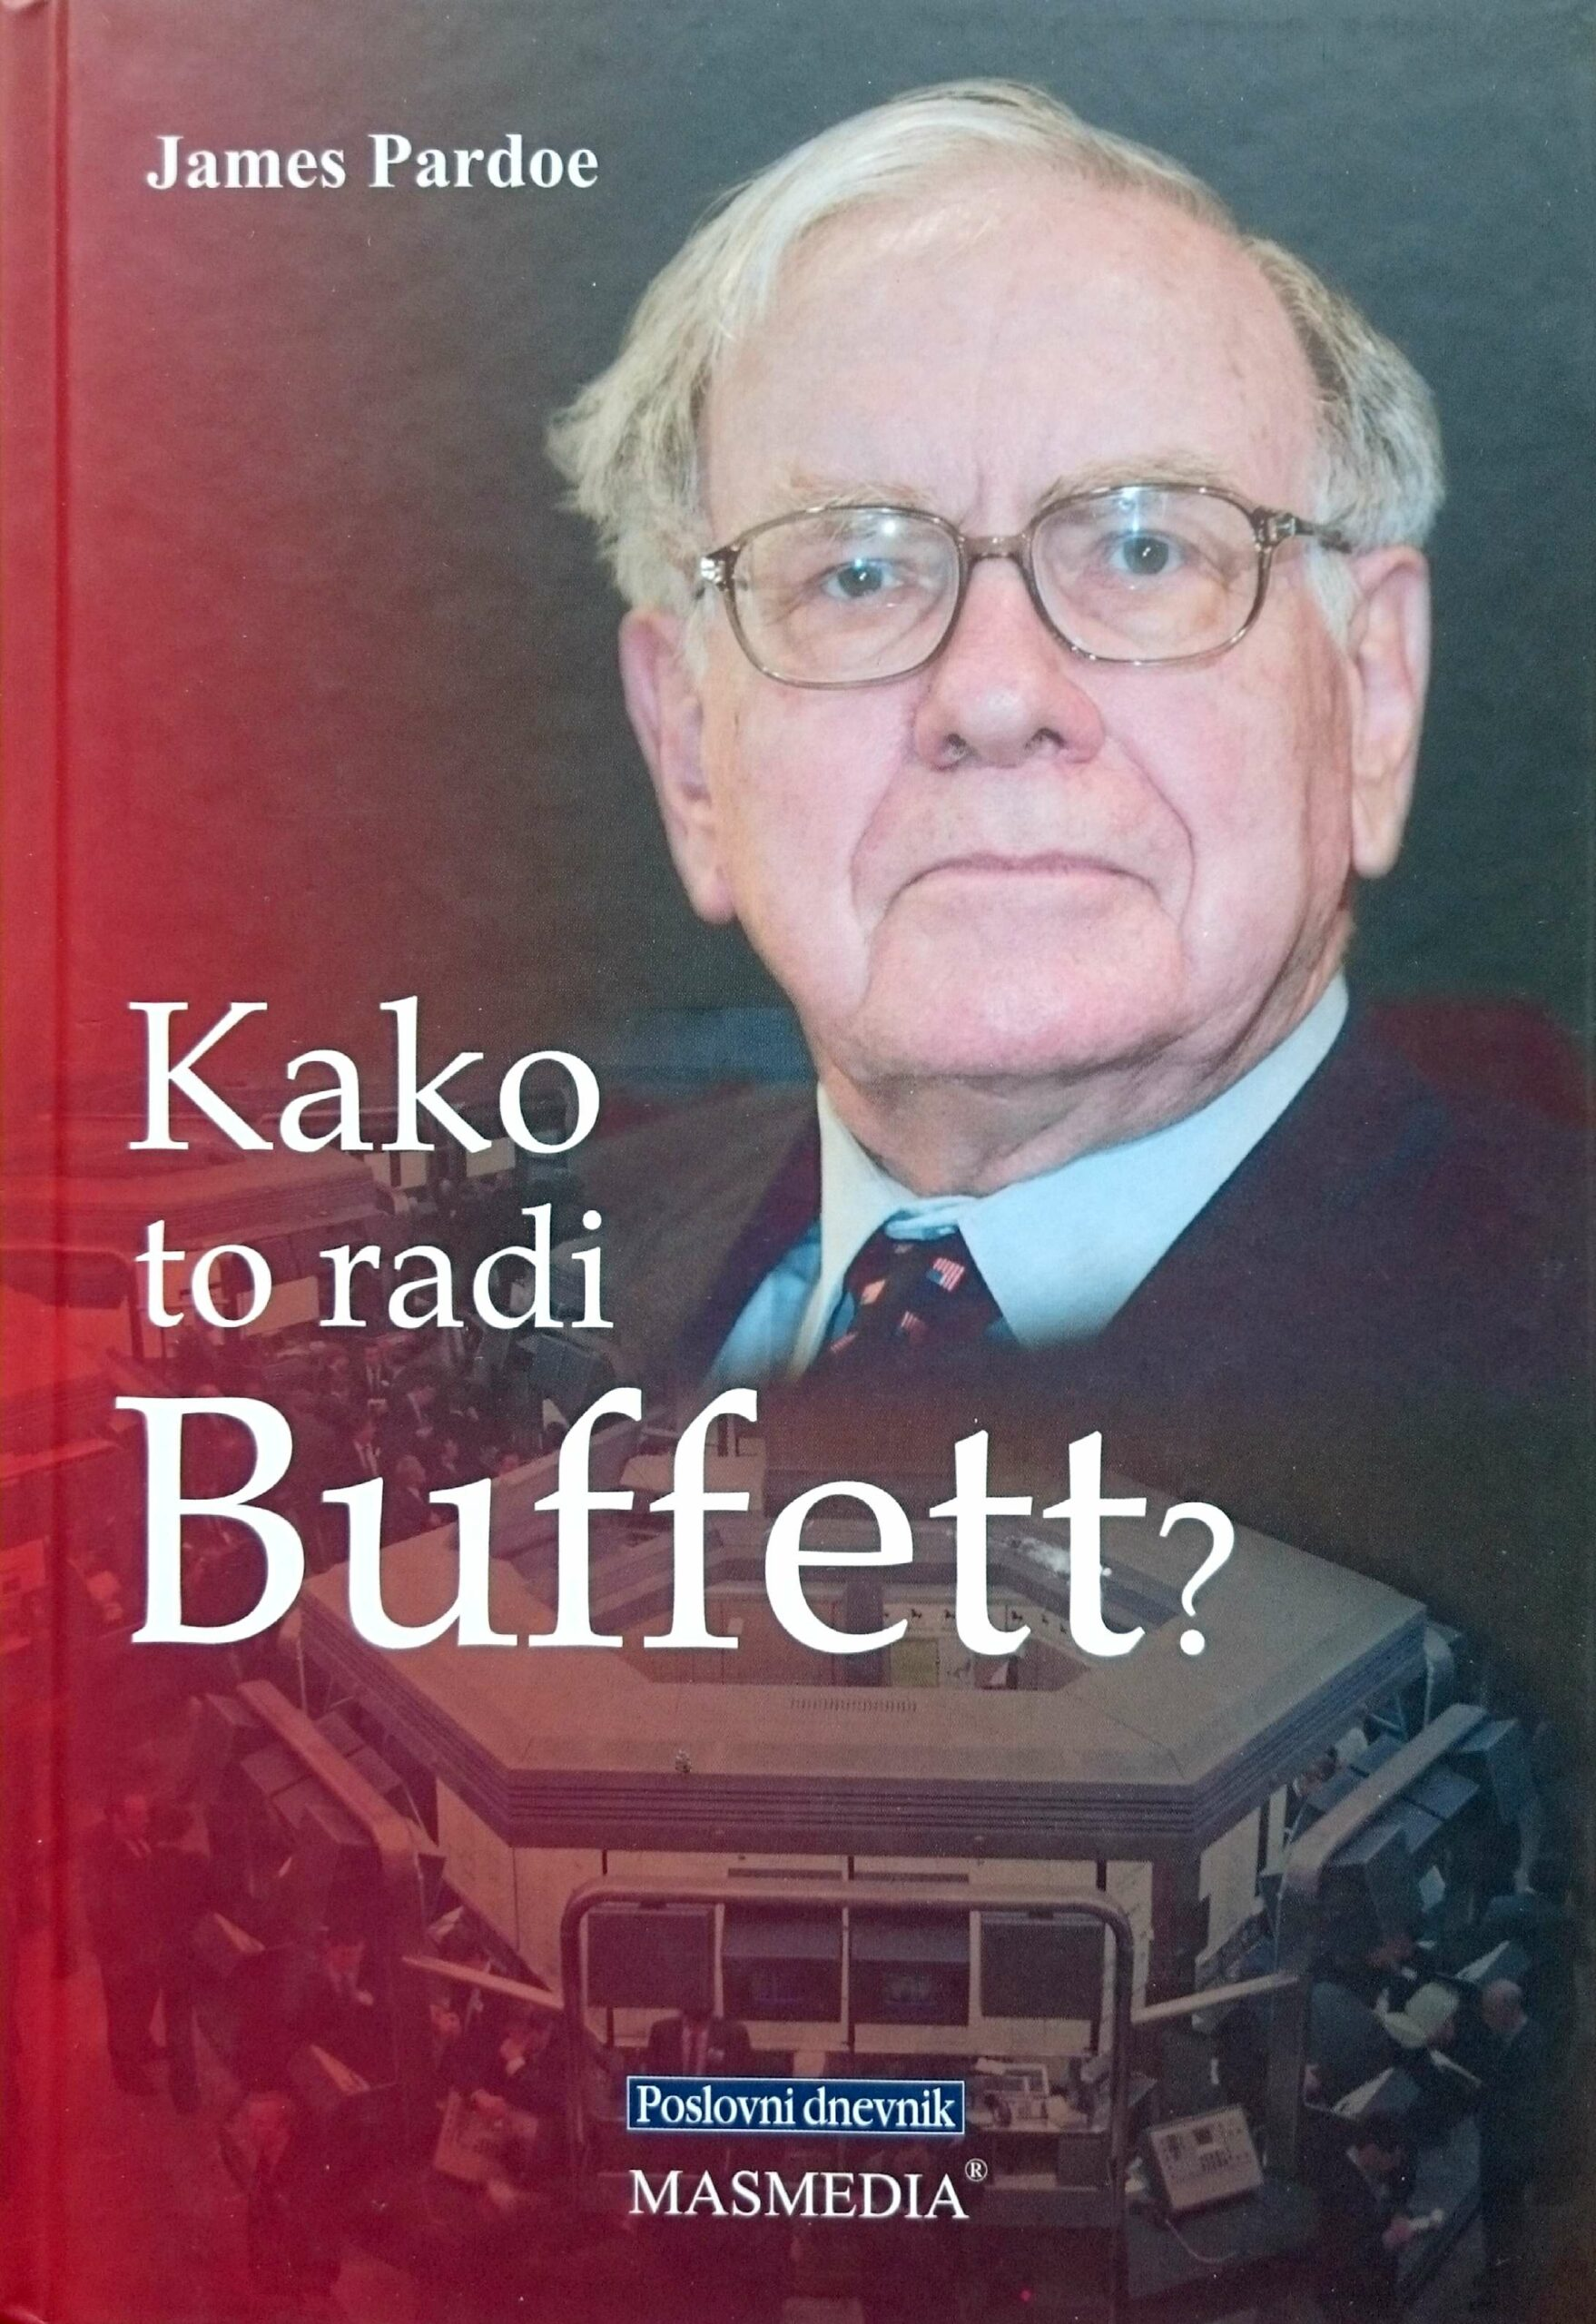 KAKO TO RADI BUFFET? - Naruči svoju knjigu